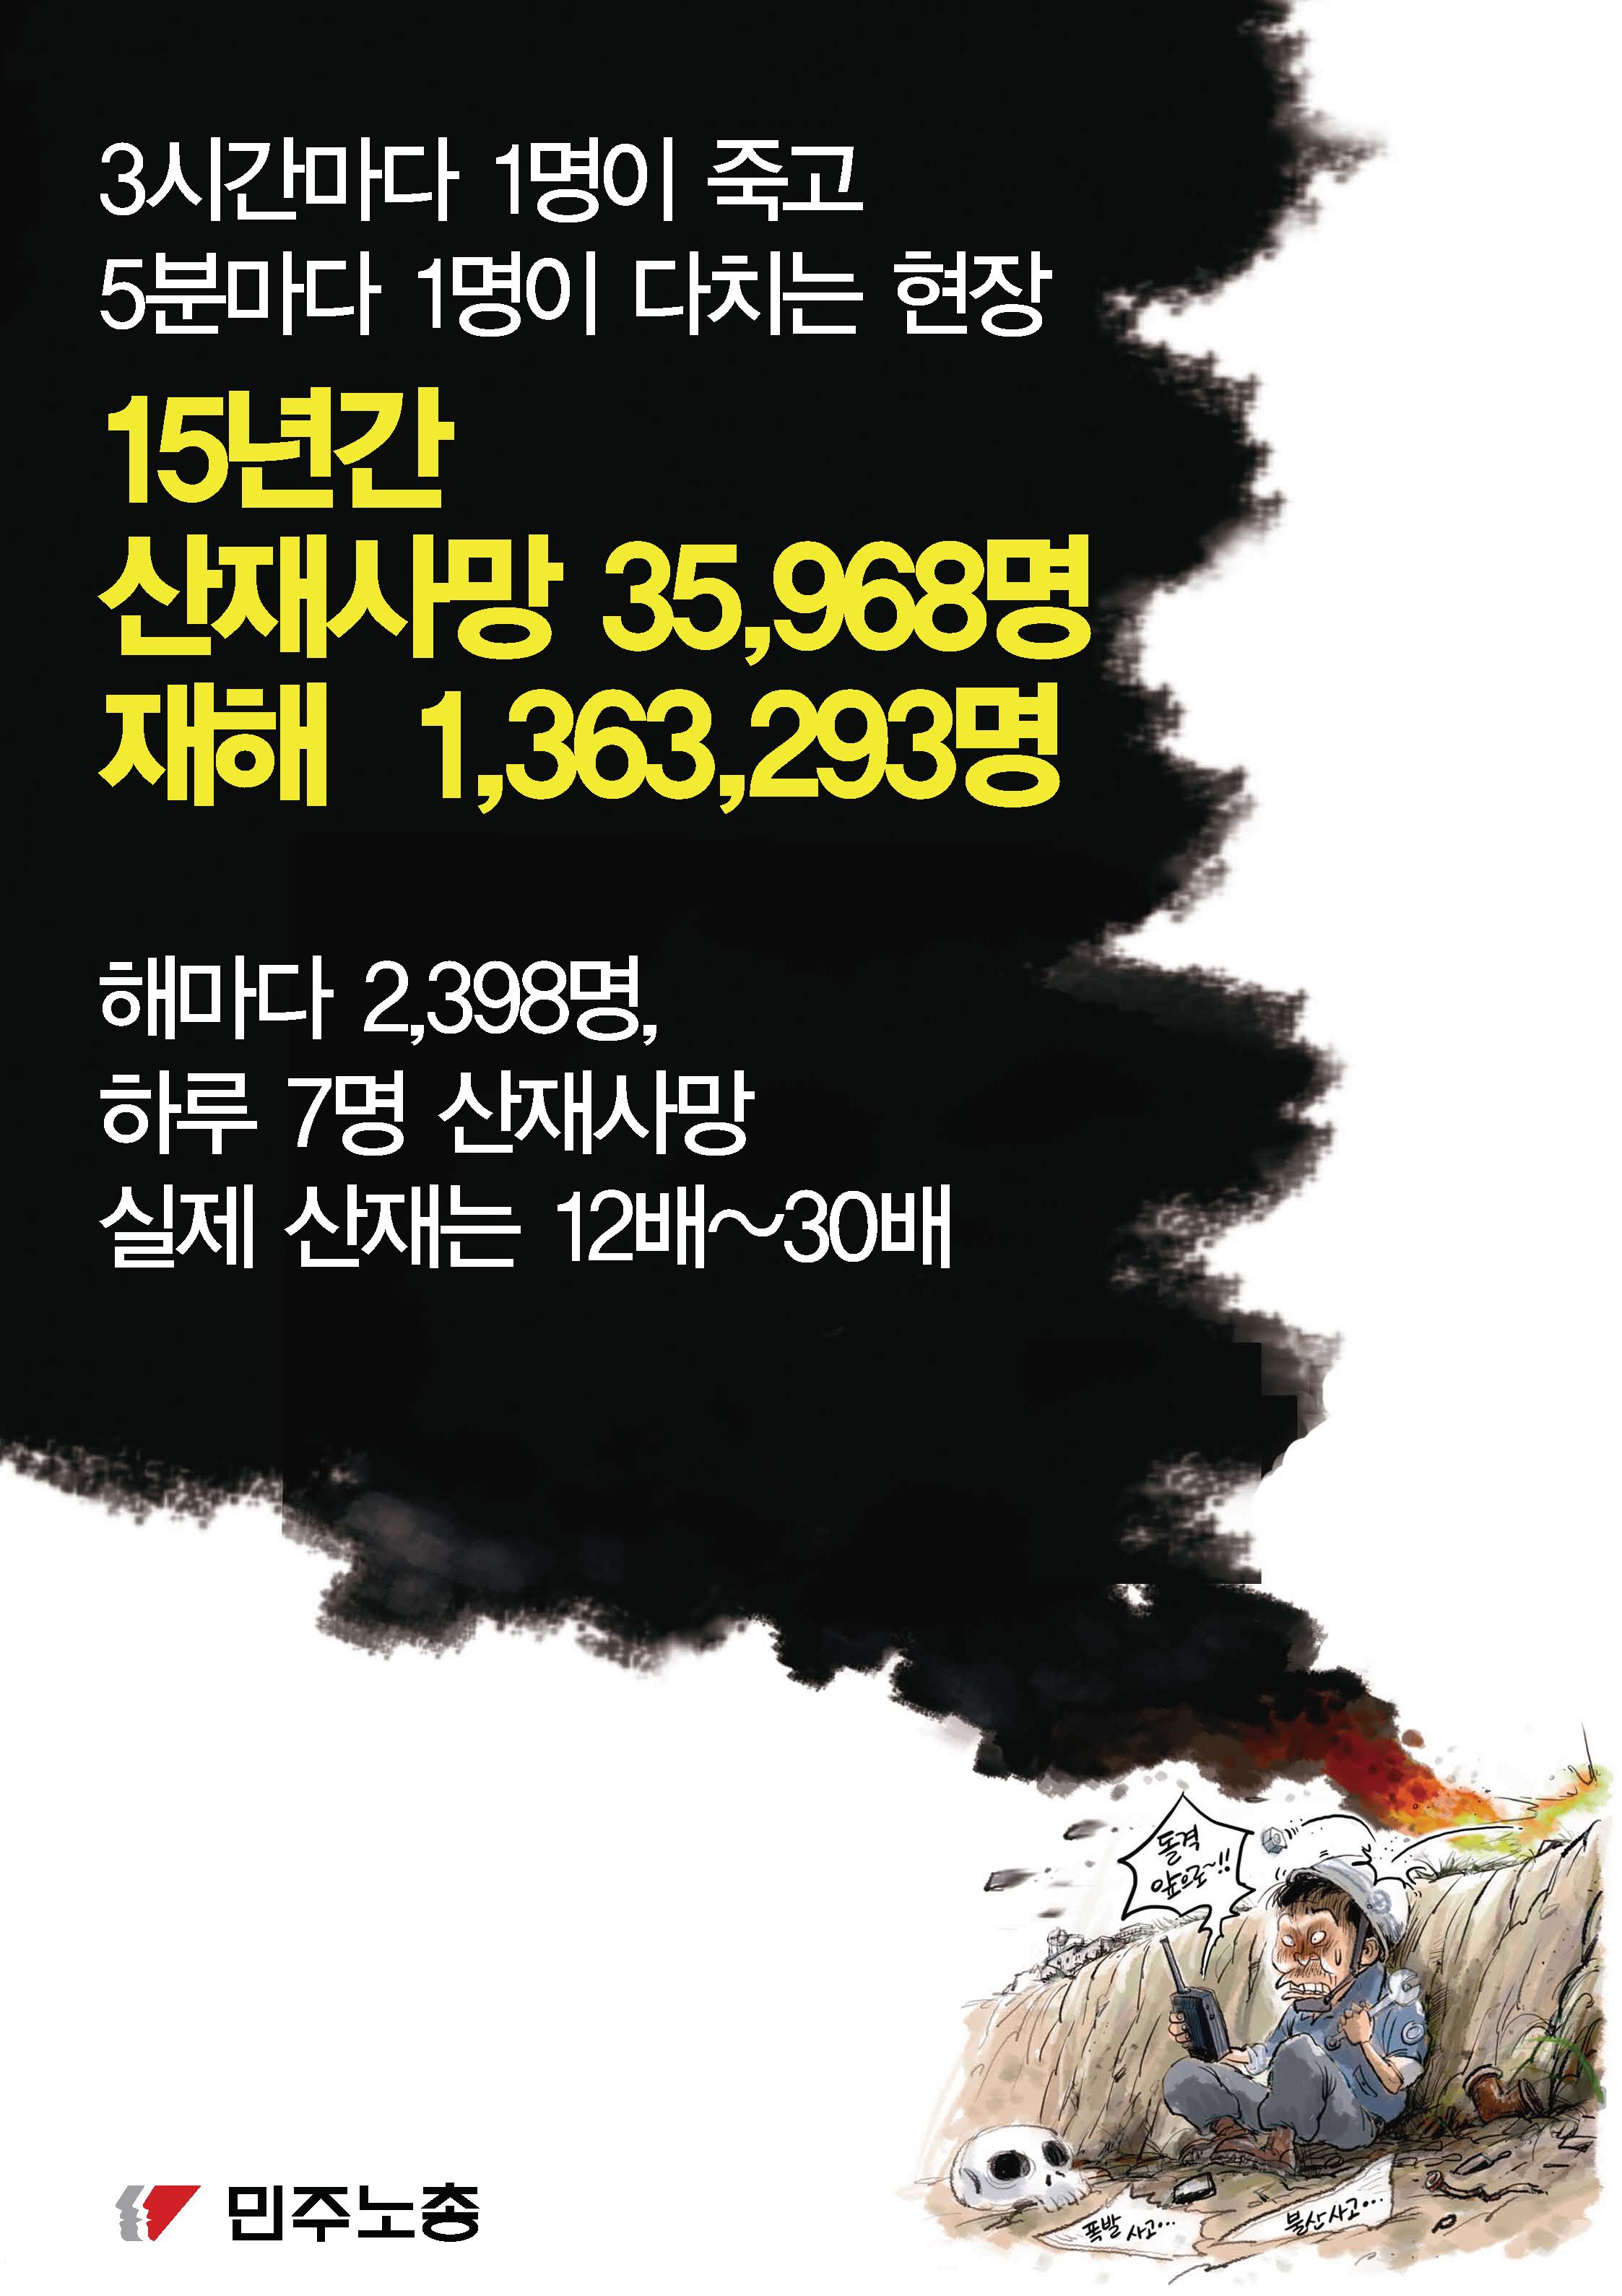 민주노총_2017 4월 사진전 최종_페이지_01.png